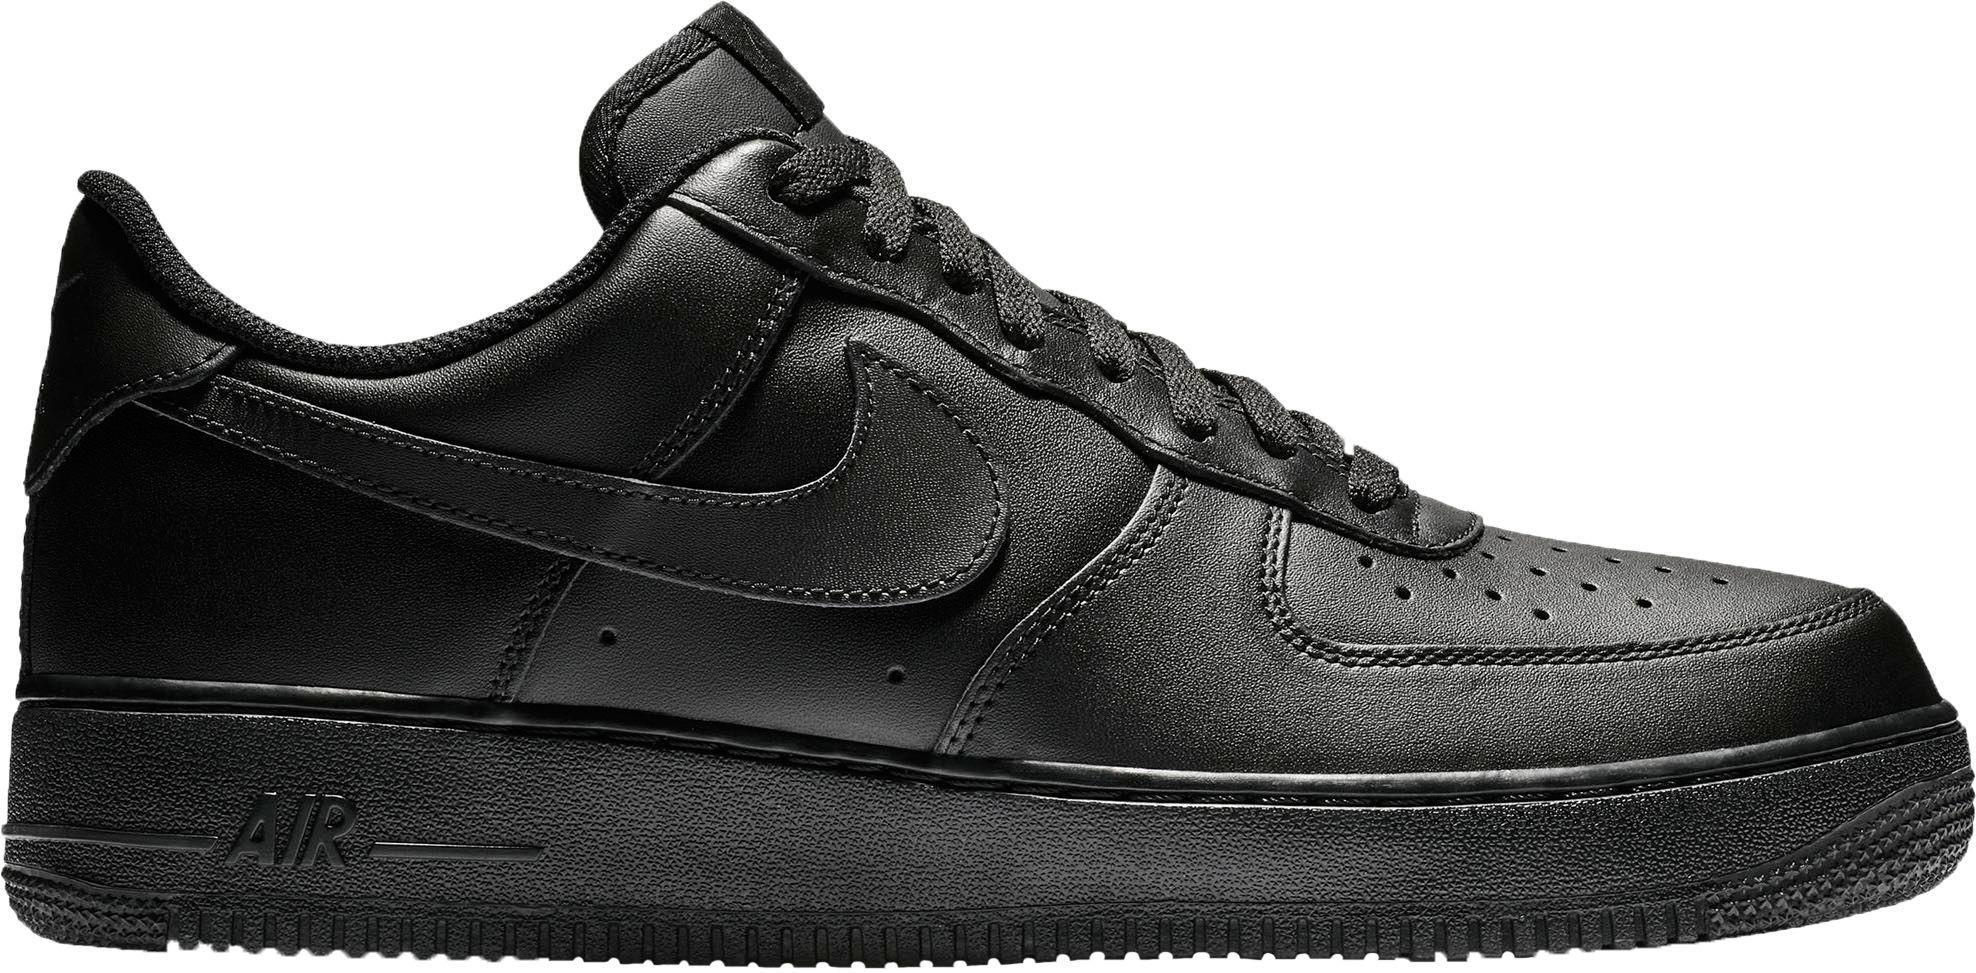 Nike Air Force 1 | Best Price Guarantee at